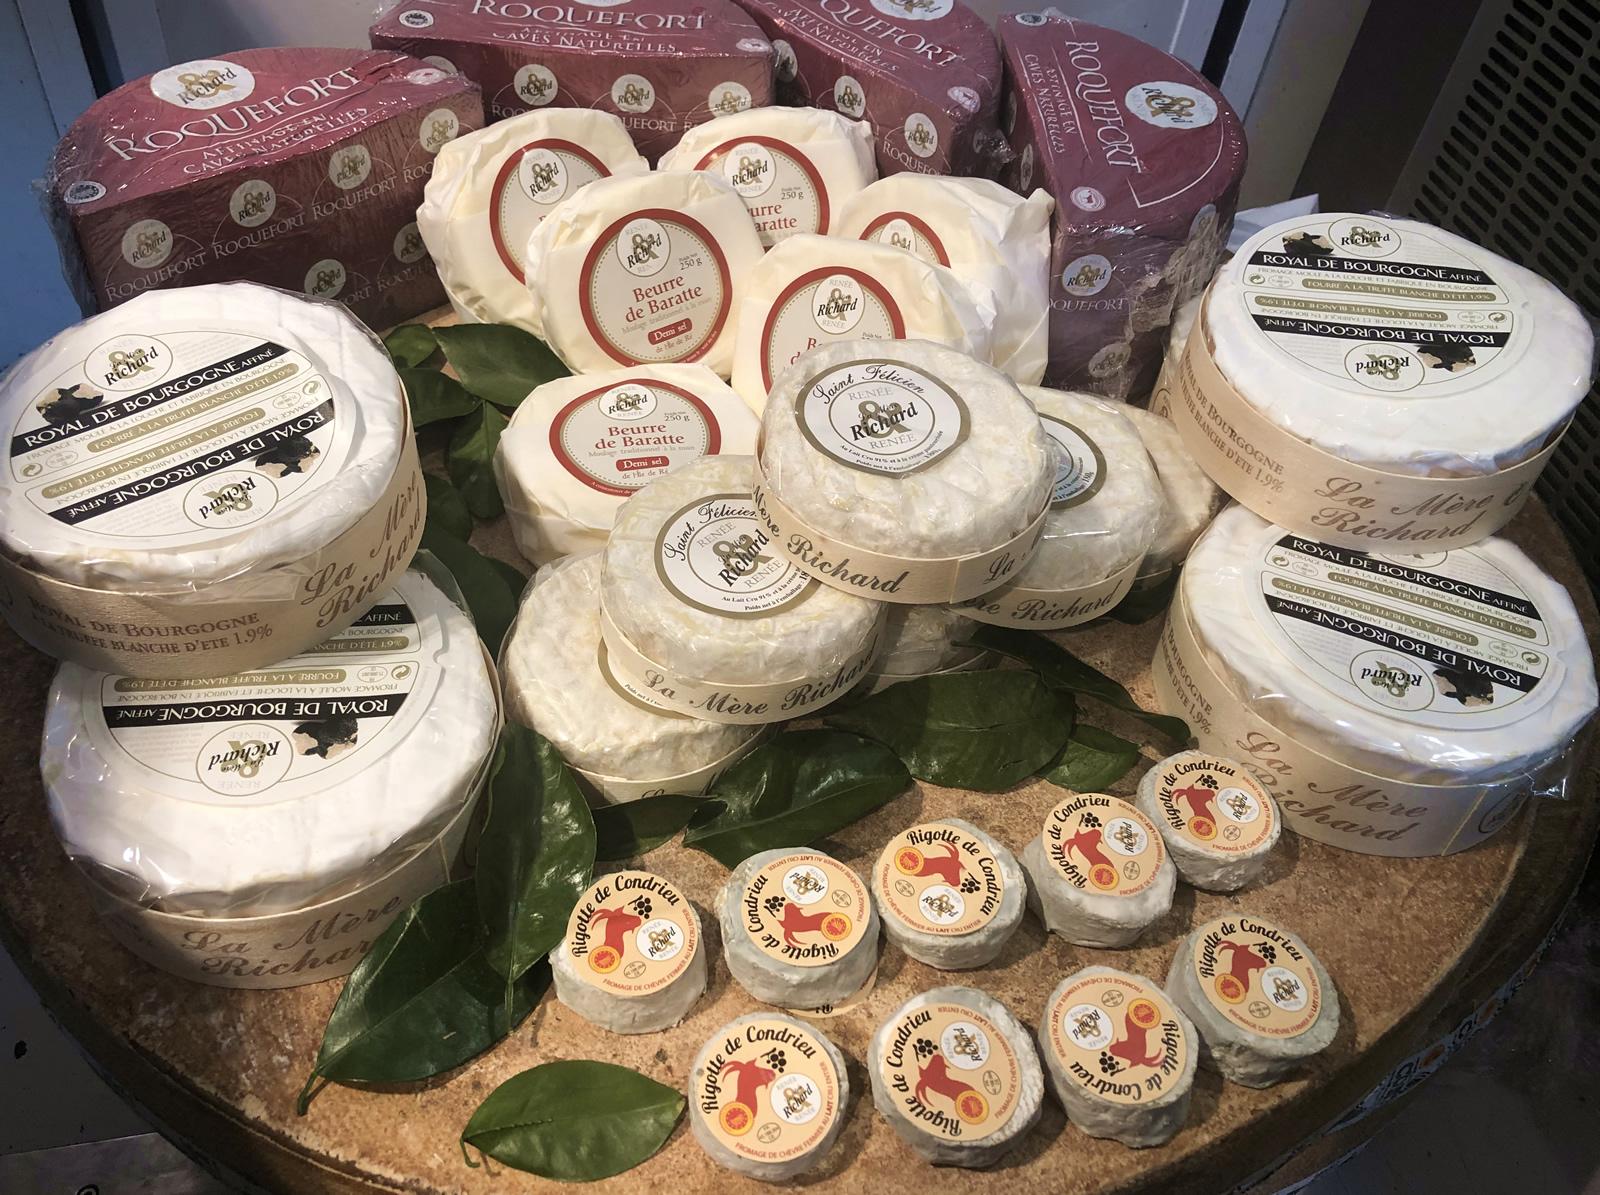 Avis aux connaisseurs et aux amateurs des produits de la Mère Richard, la Maison Cardinet propose ses fromages d'exception !